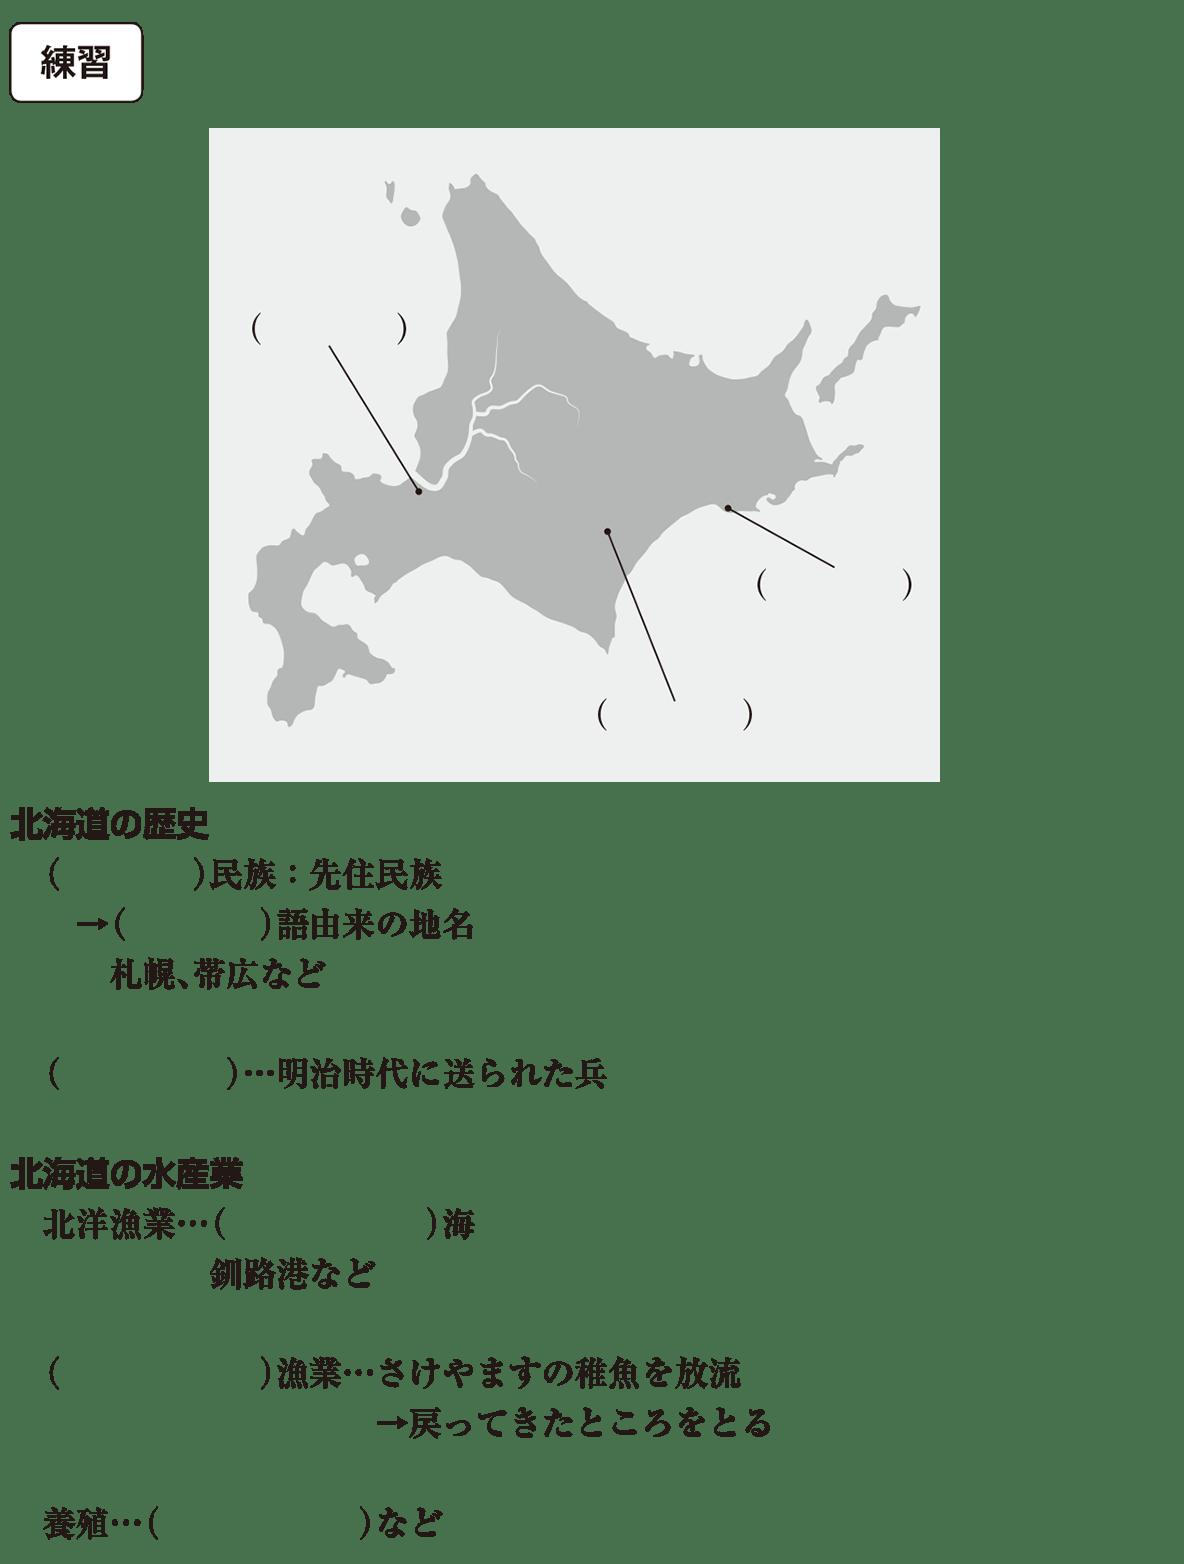 中学地理78 練習 カッコ空欄